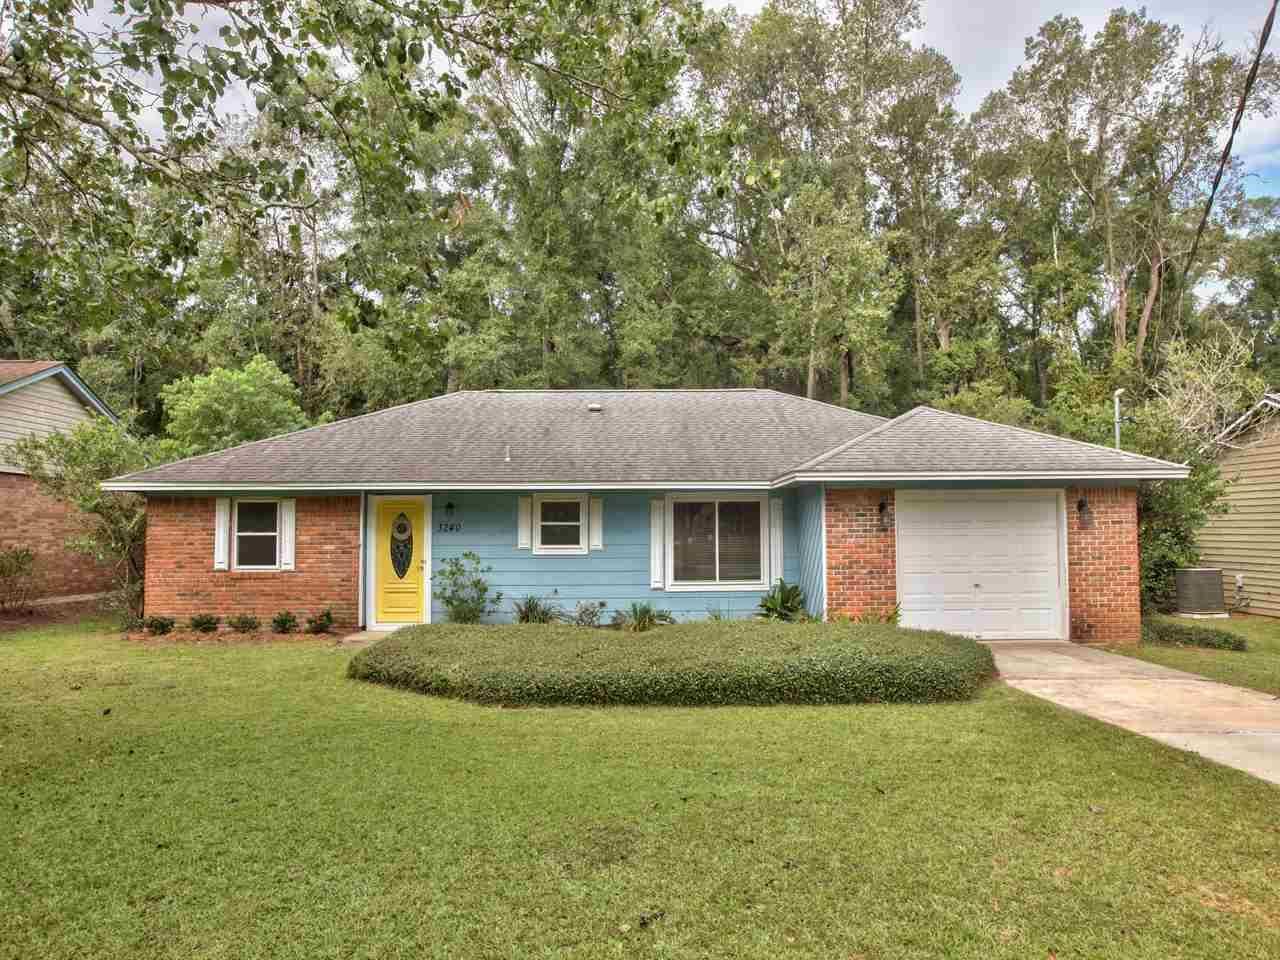 Photo of 3240 Baldwin Drive W, TALLAHASSEE, FL 32309 (MLS # 324332)